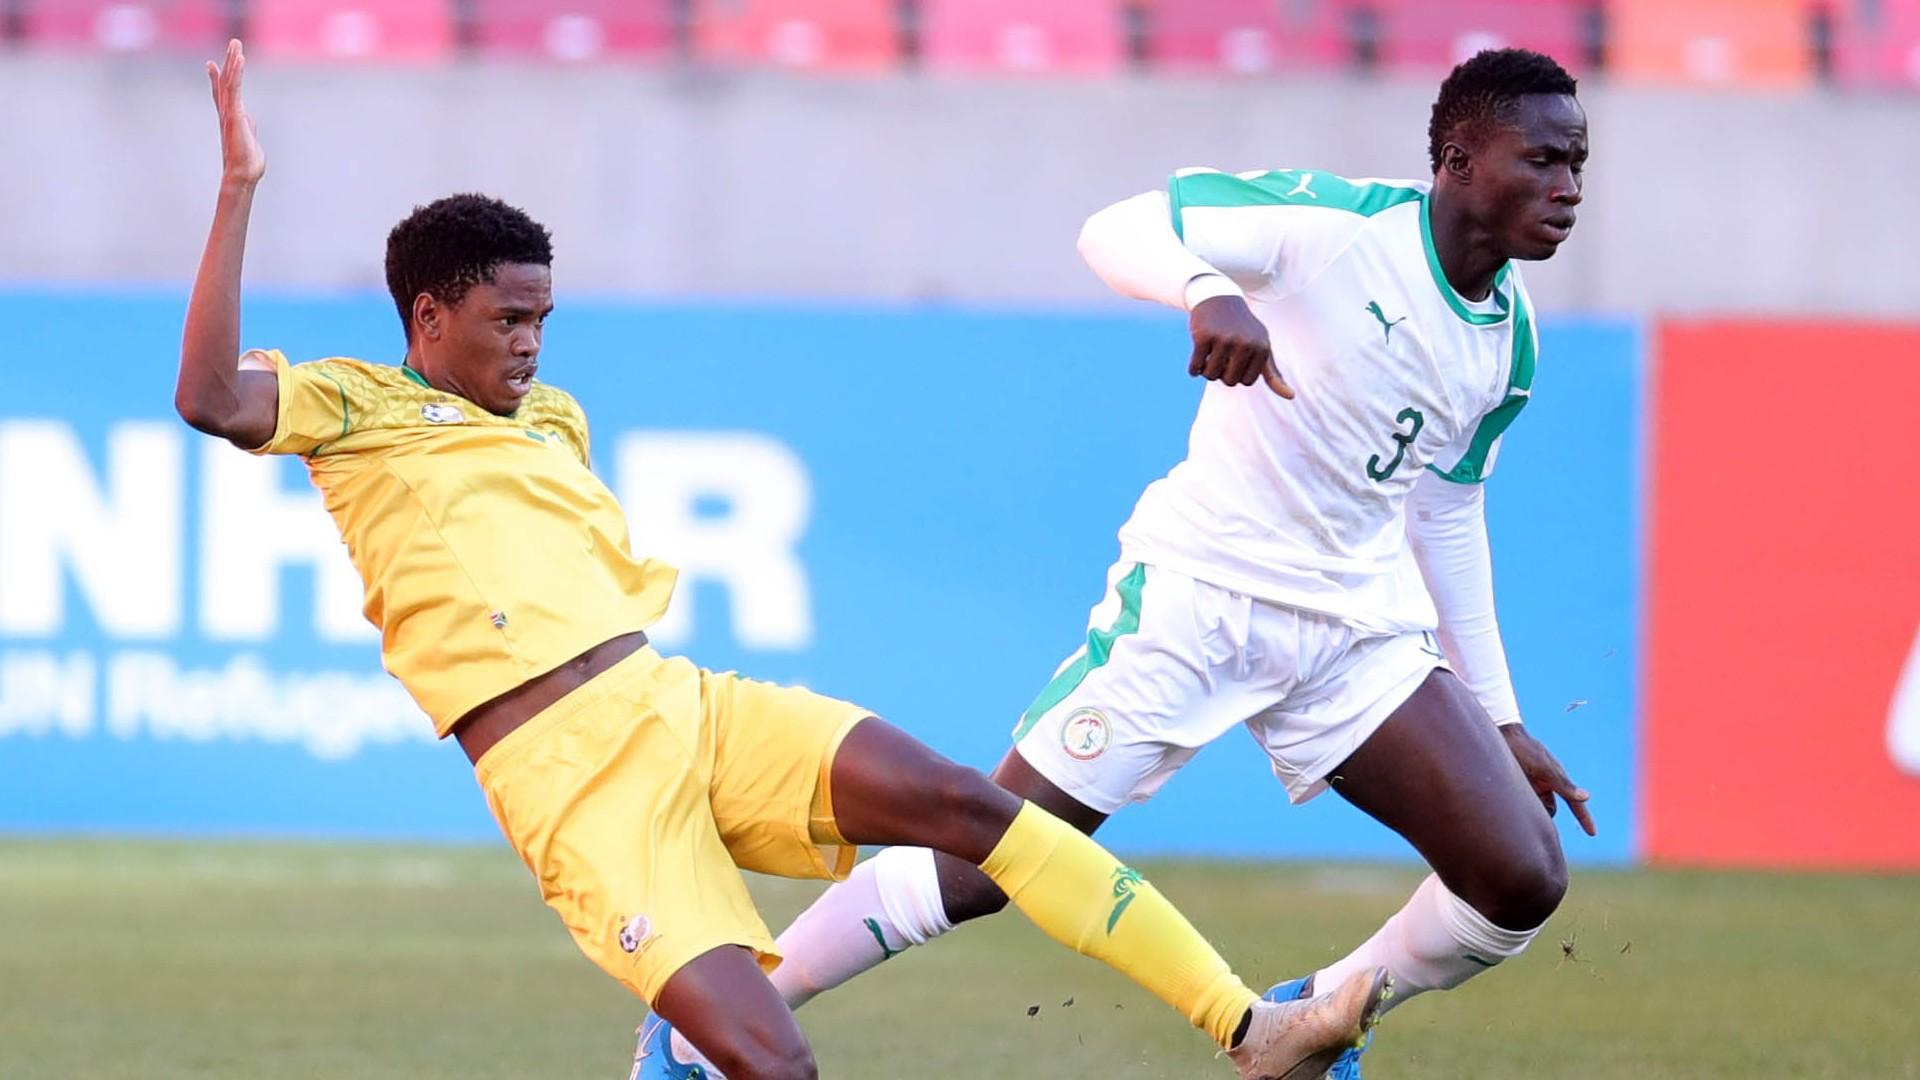 Sifiso Ngobeni: Mamelodi Sundowns sign Bloemfontein Celtic defender